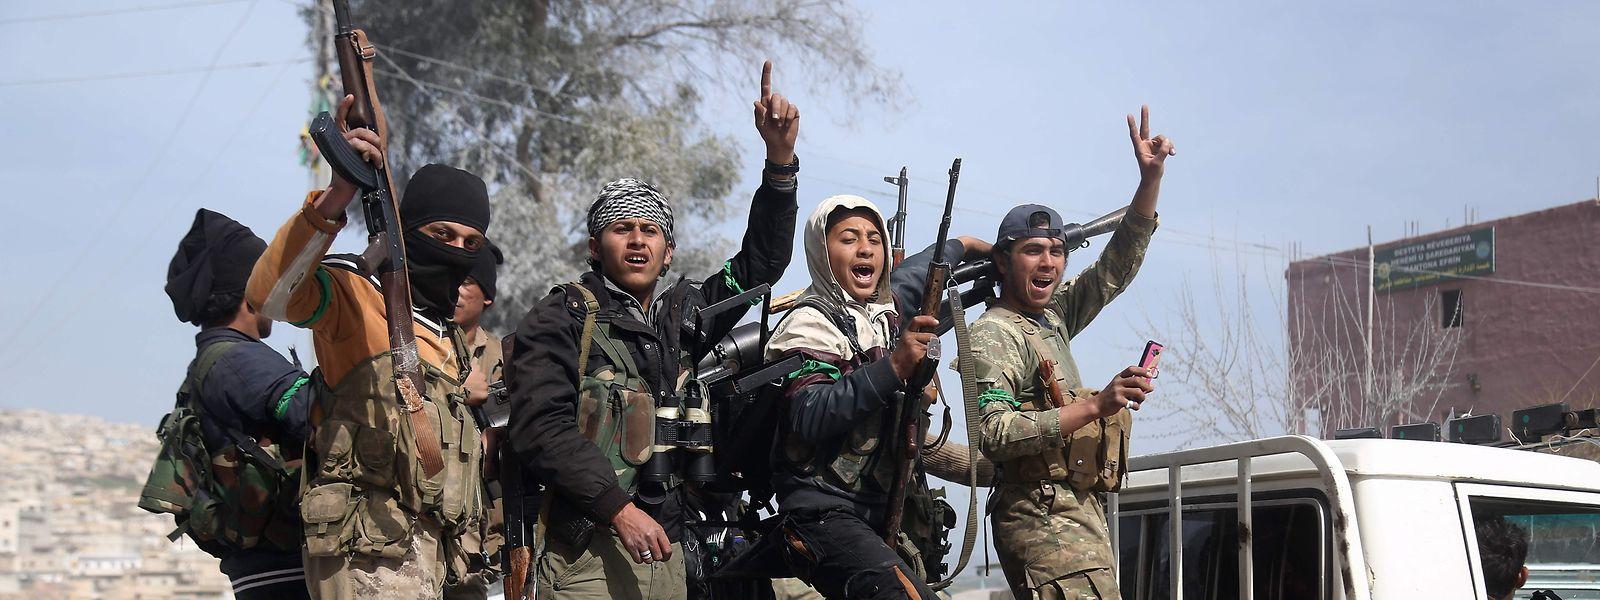 Von der Türkei unterstützte Syrische Kämpfer der Freien Syrischen Armee (FSA) feiern ihren Sieg in Afrin.